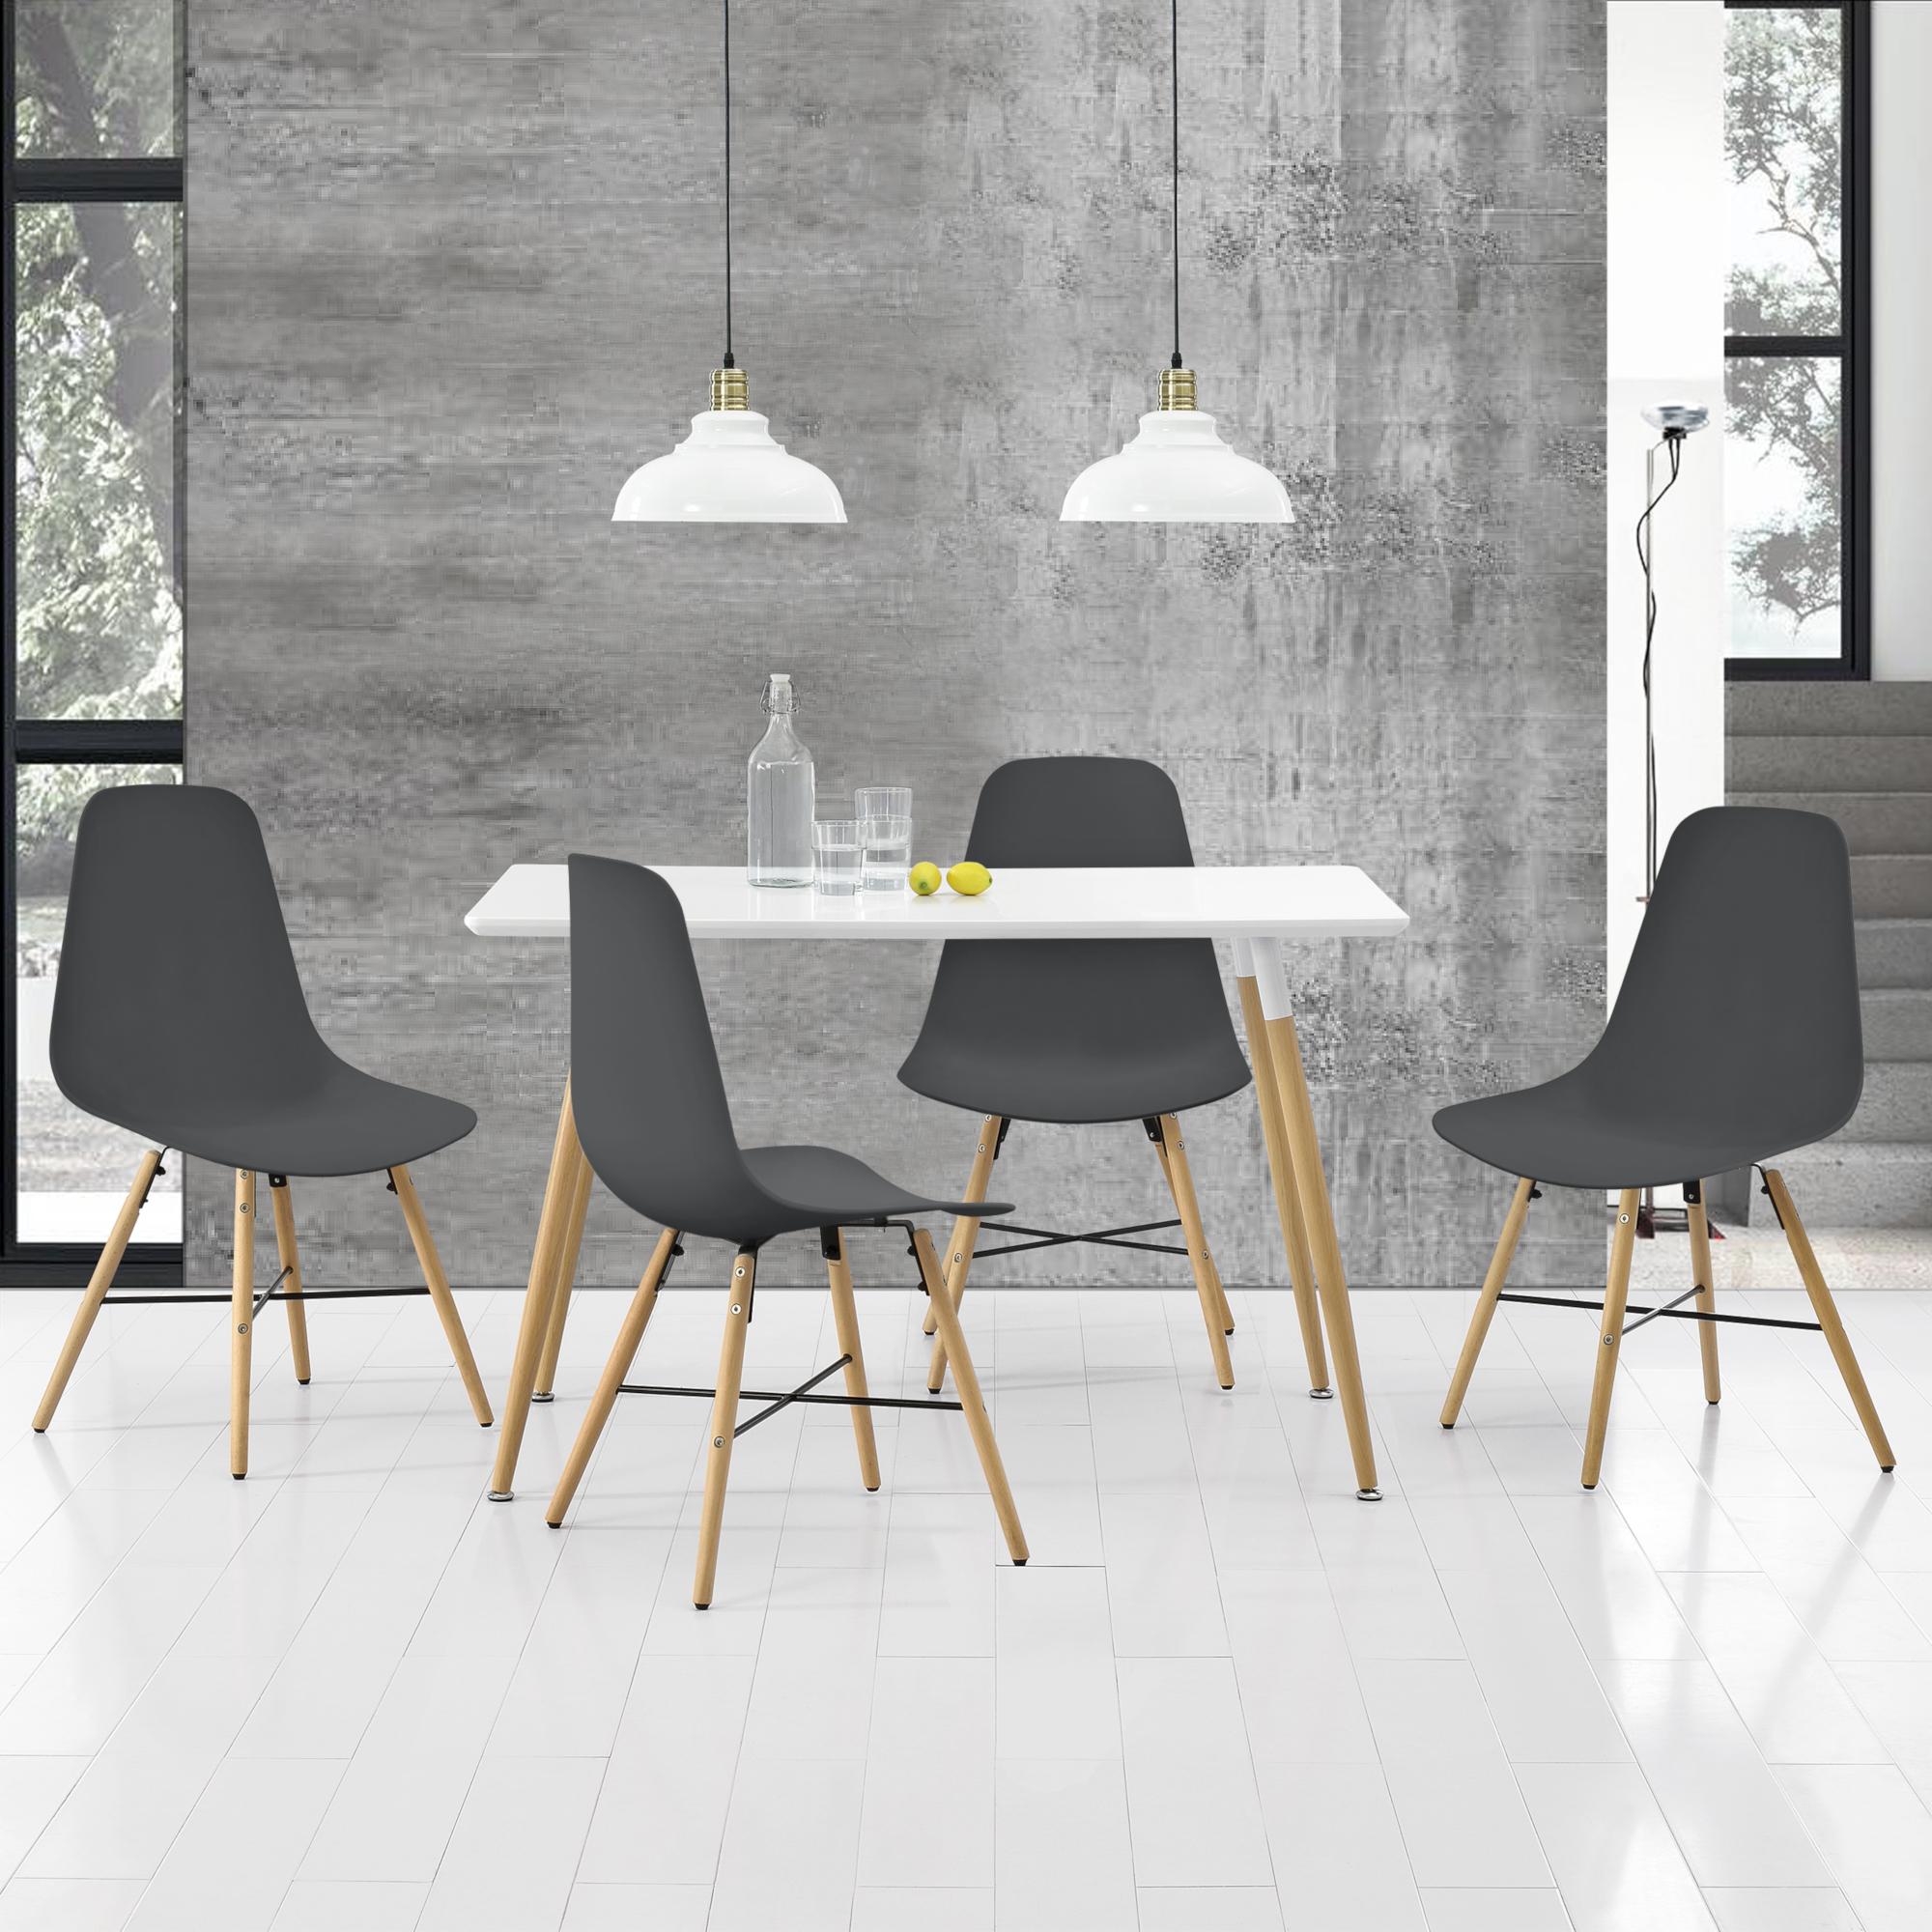 Tavolo Cucina 4 Sedie.En Casa Tavolo Da Pranzo Con 4 Sedie Bianco Grigio 120x70cm